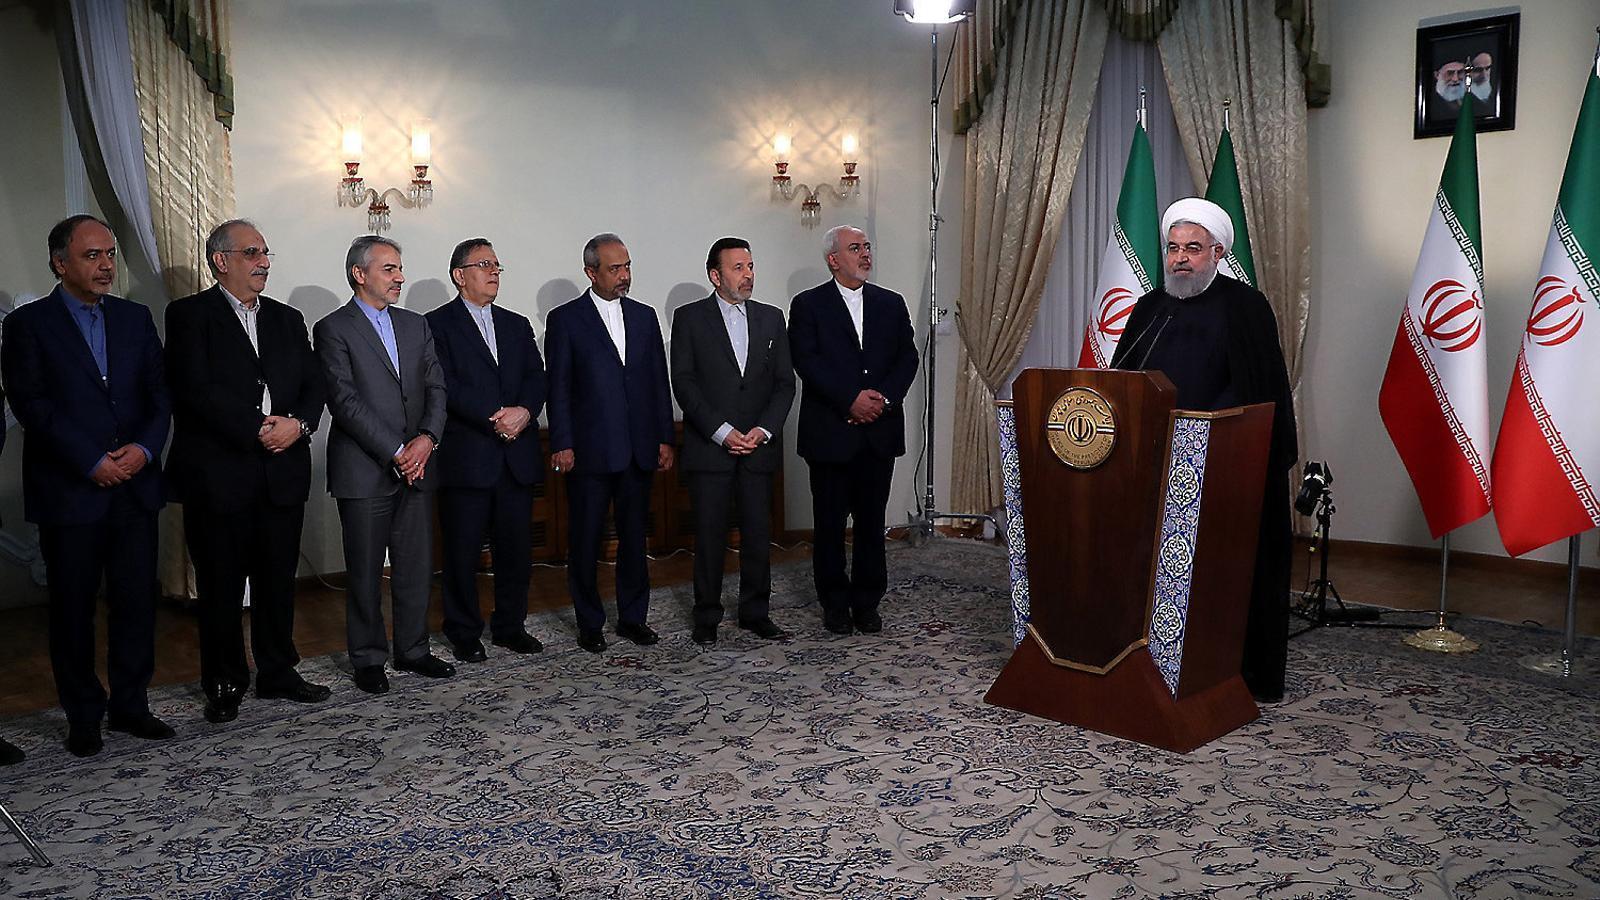 El president iranià, Hassan Rouhani, envoltat pel seu govern, va respondre a Trump en un discurs televisat.